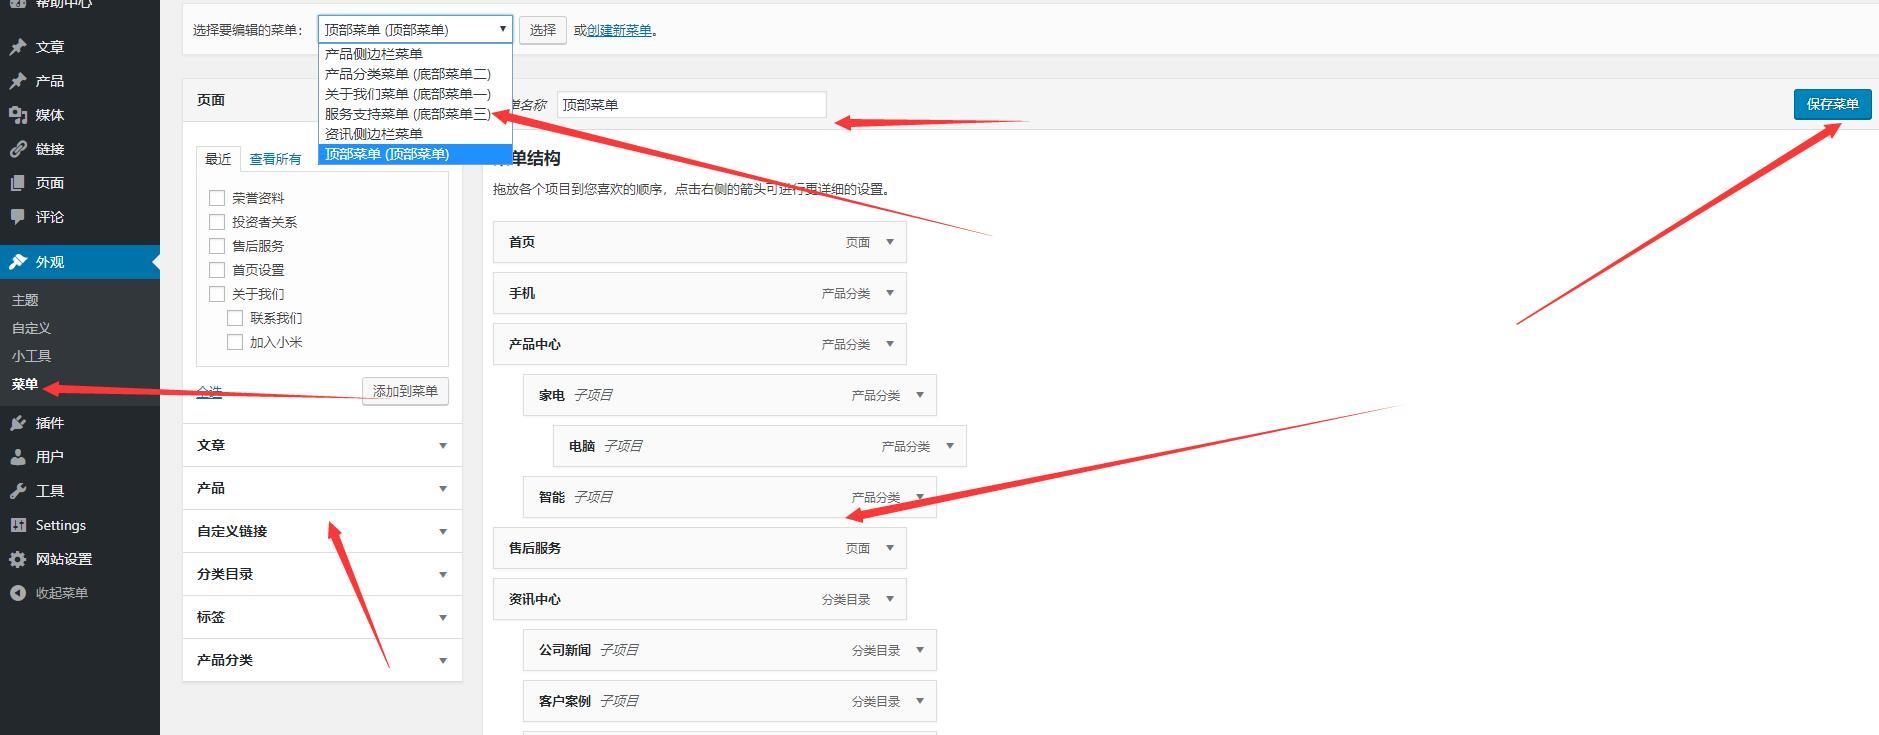 XSdh企业主题安装设置操作文档